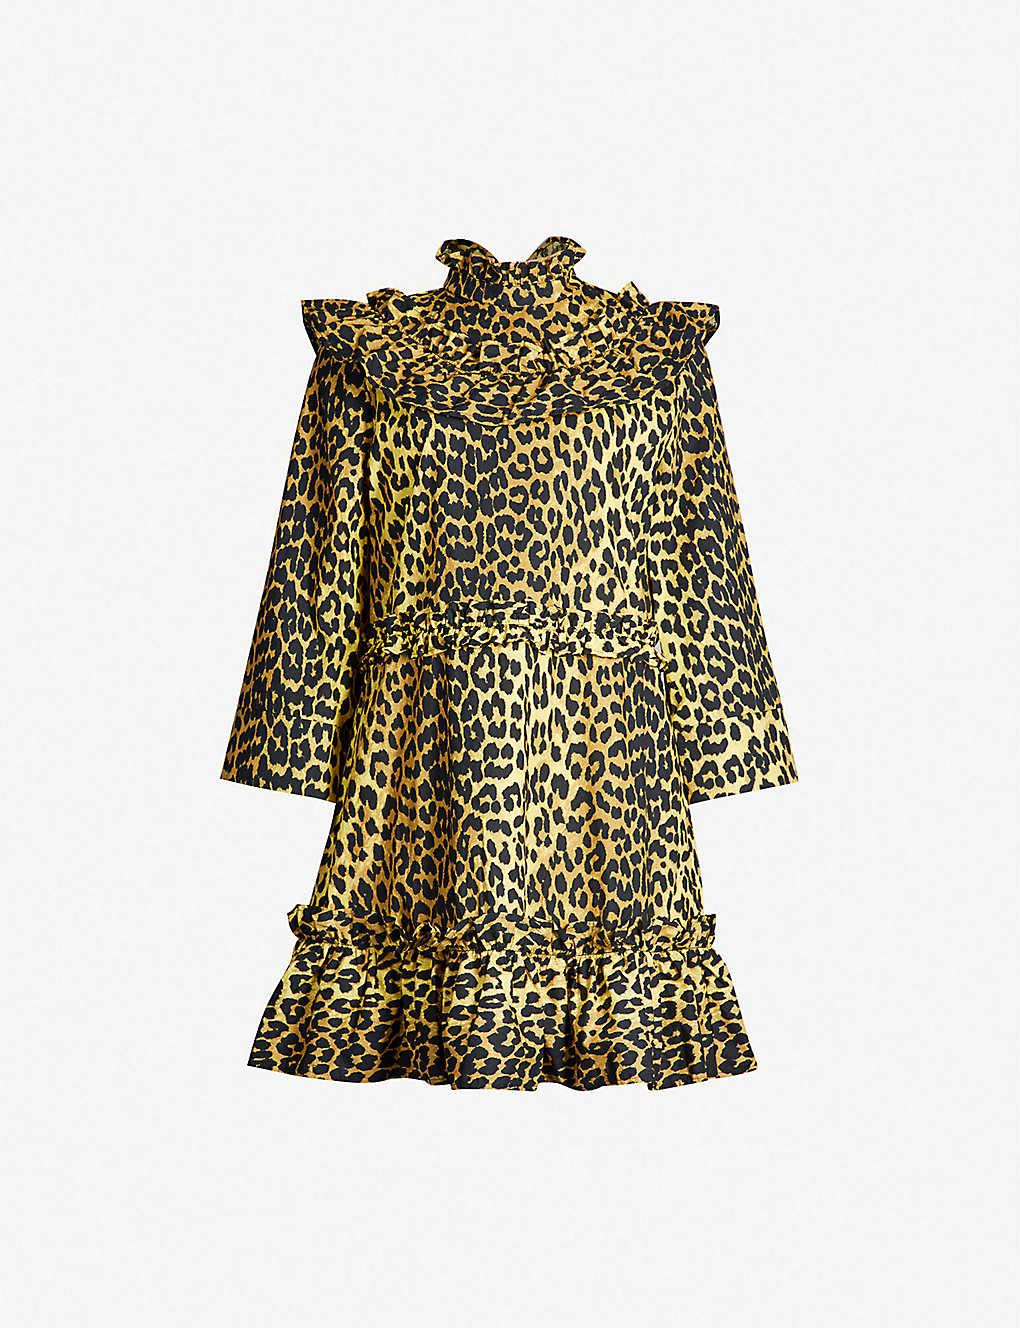 bd17addc4f54 GANNI - Bijou leopard-print cotton dress   Selfridges.com